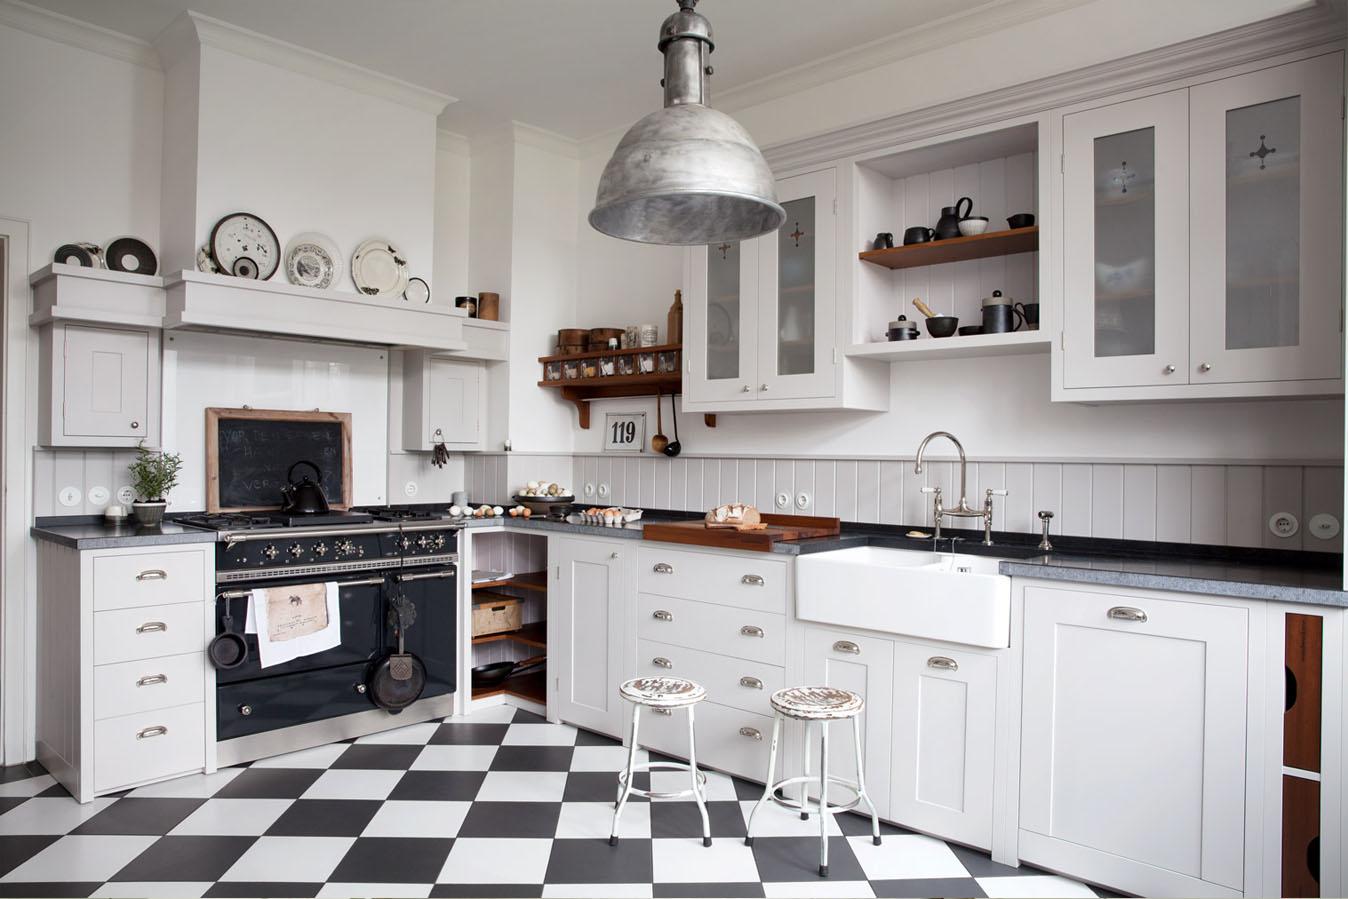 Fantastisch Walnuss Shaker Küche Bq Galerie - Küchenschrank Ideen ...